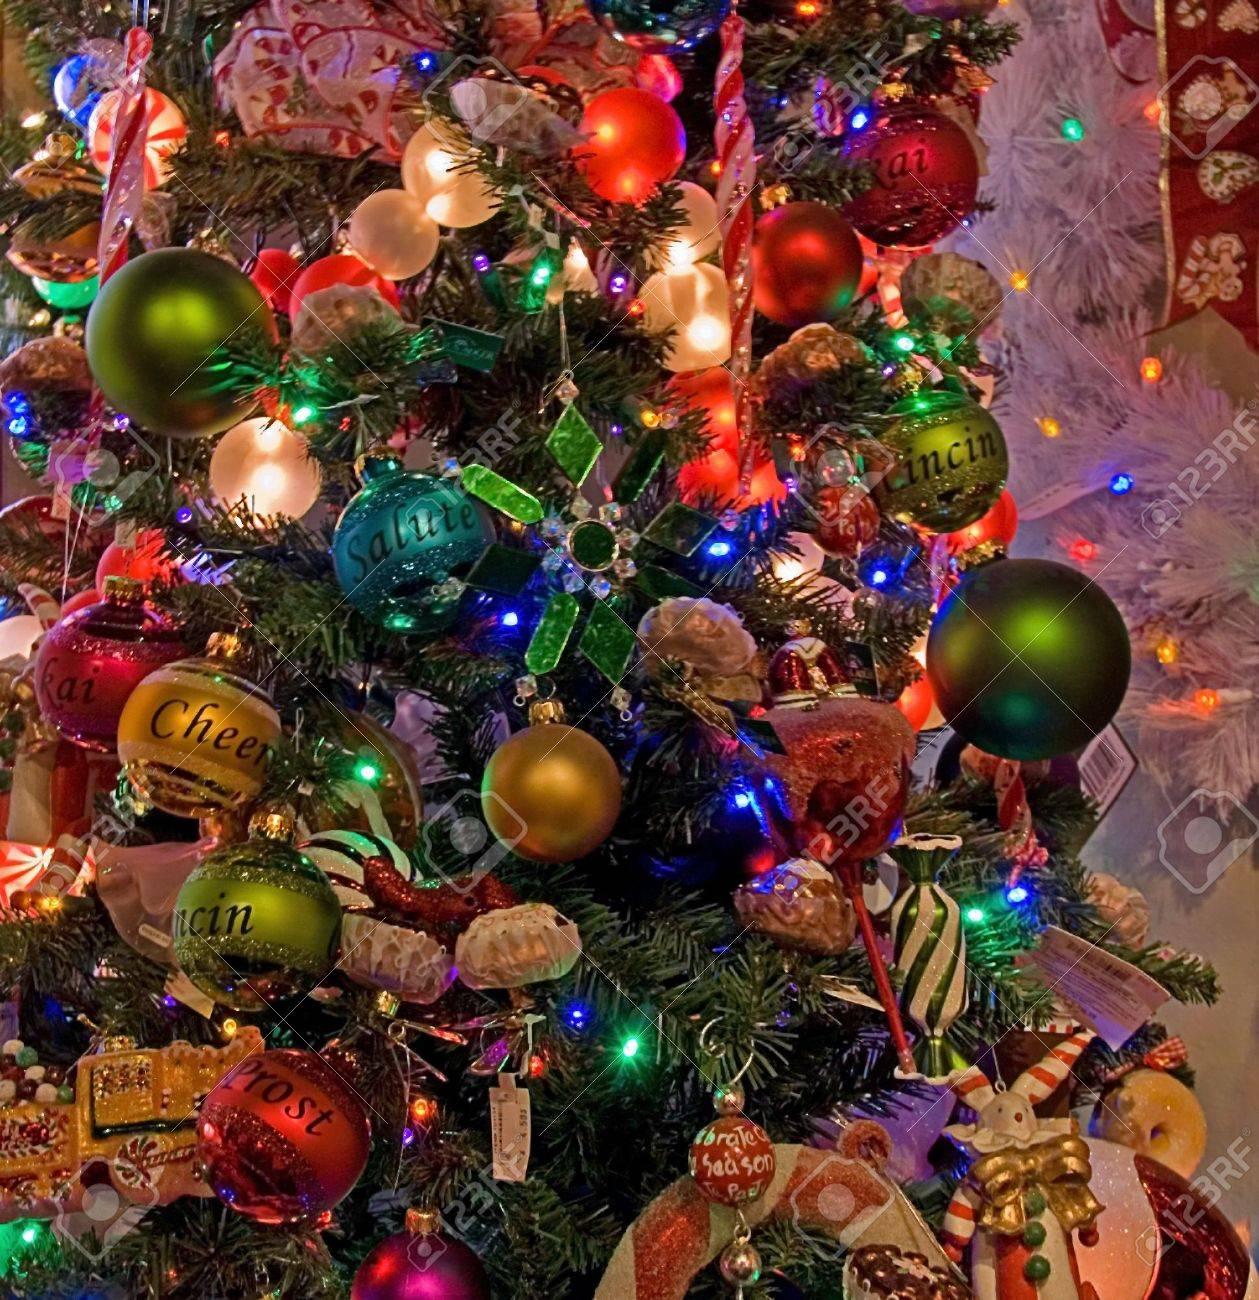 Diese Weihnachtsbaum Ist Stark Mit Vielen Verschiedenen Farbigen ...